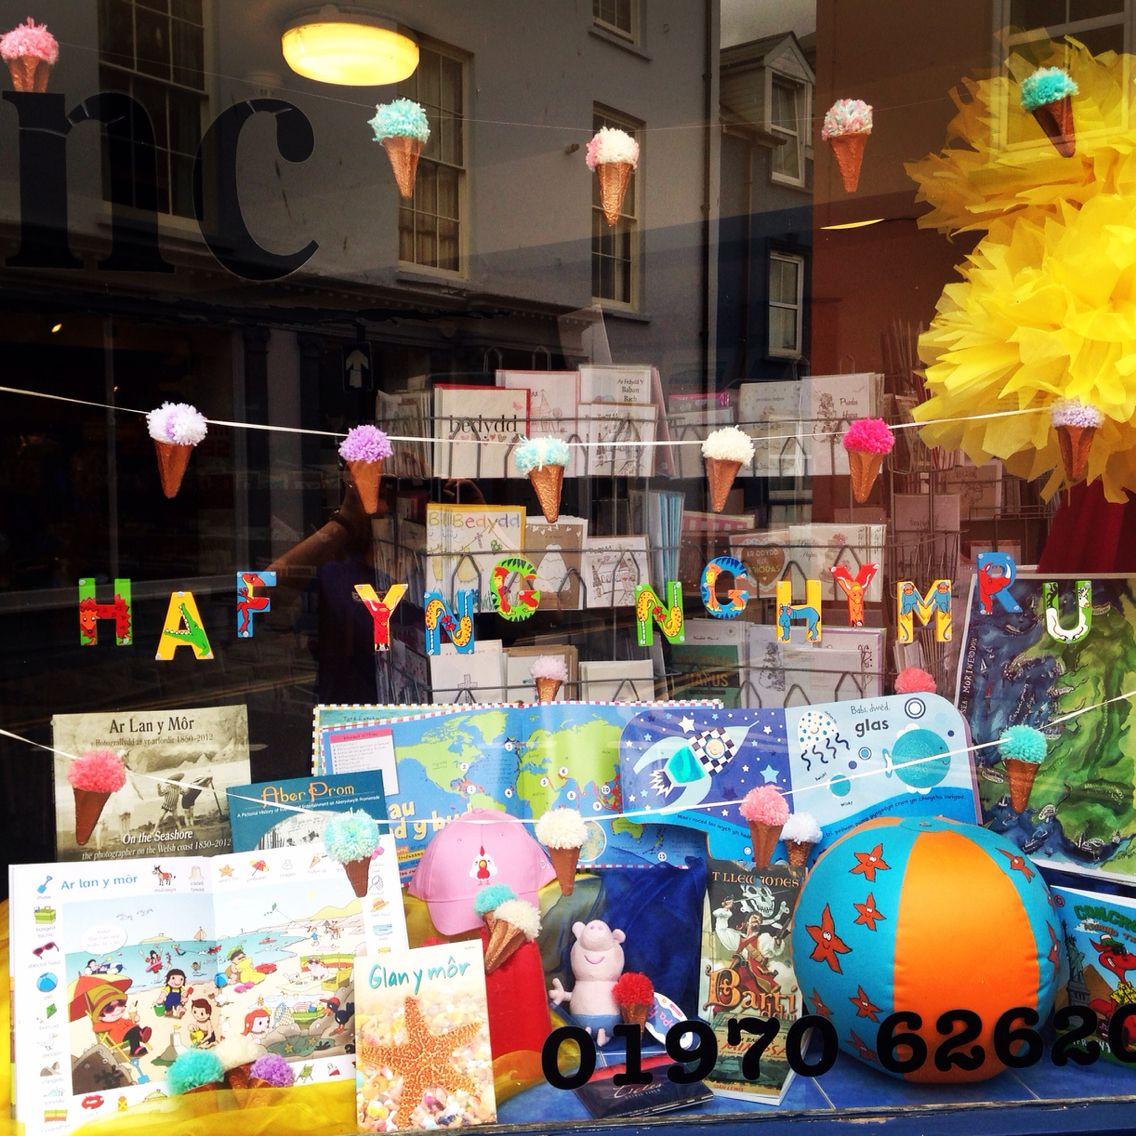 Ffenest Siop / Shop window  Pom pom's hufen iâ / Ice cream Pom pom's